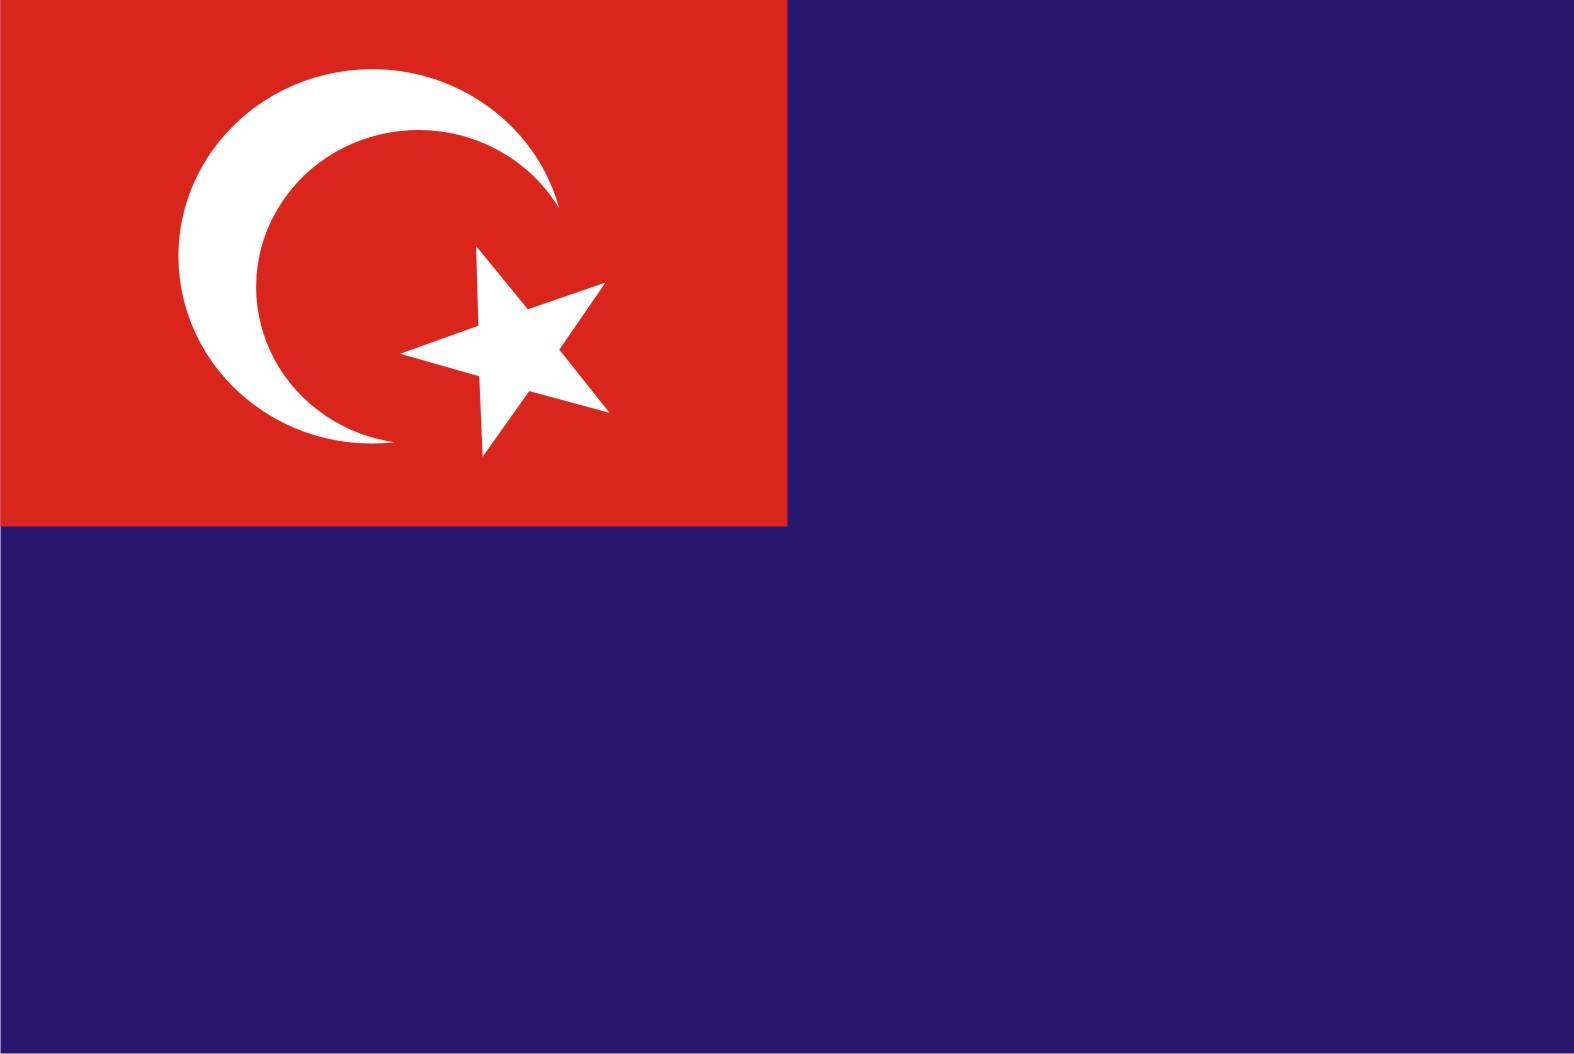 Malaysia bendera wilayah persekutuan putra jaya bendera kelantan darul